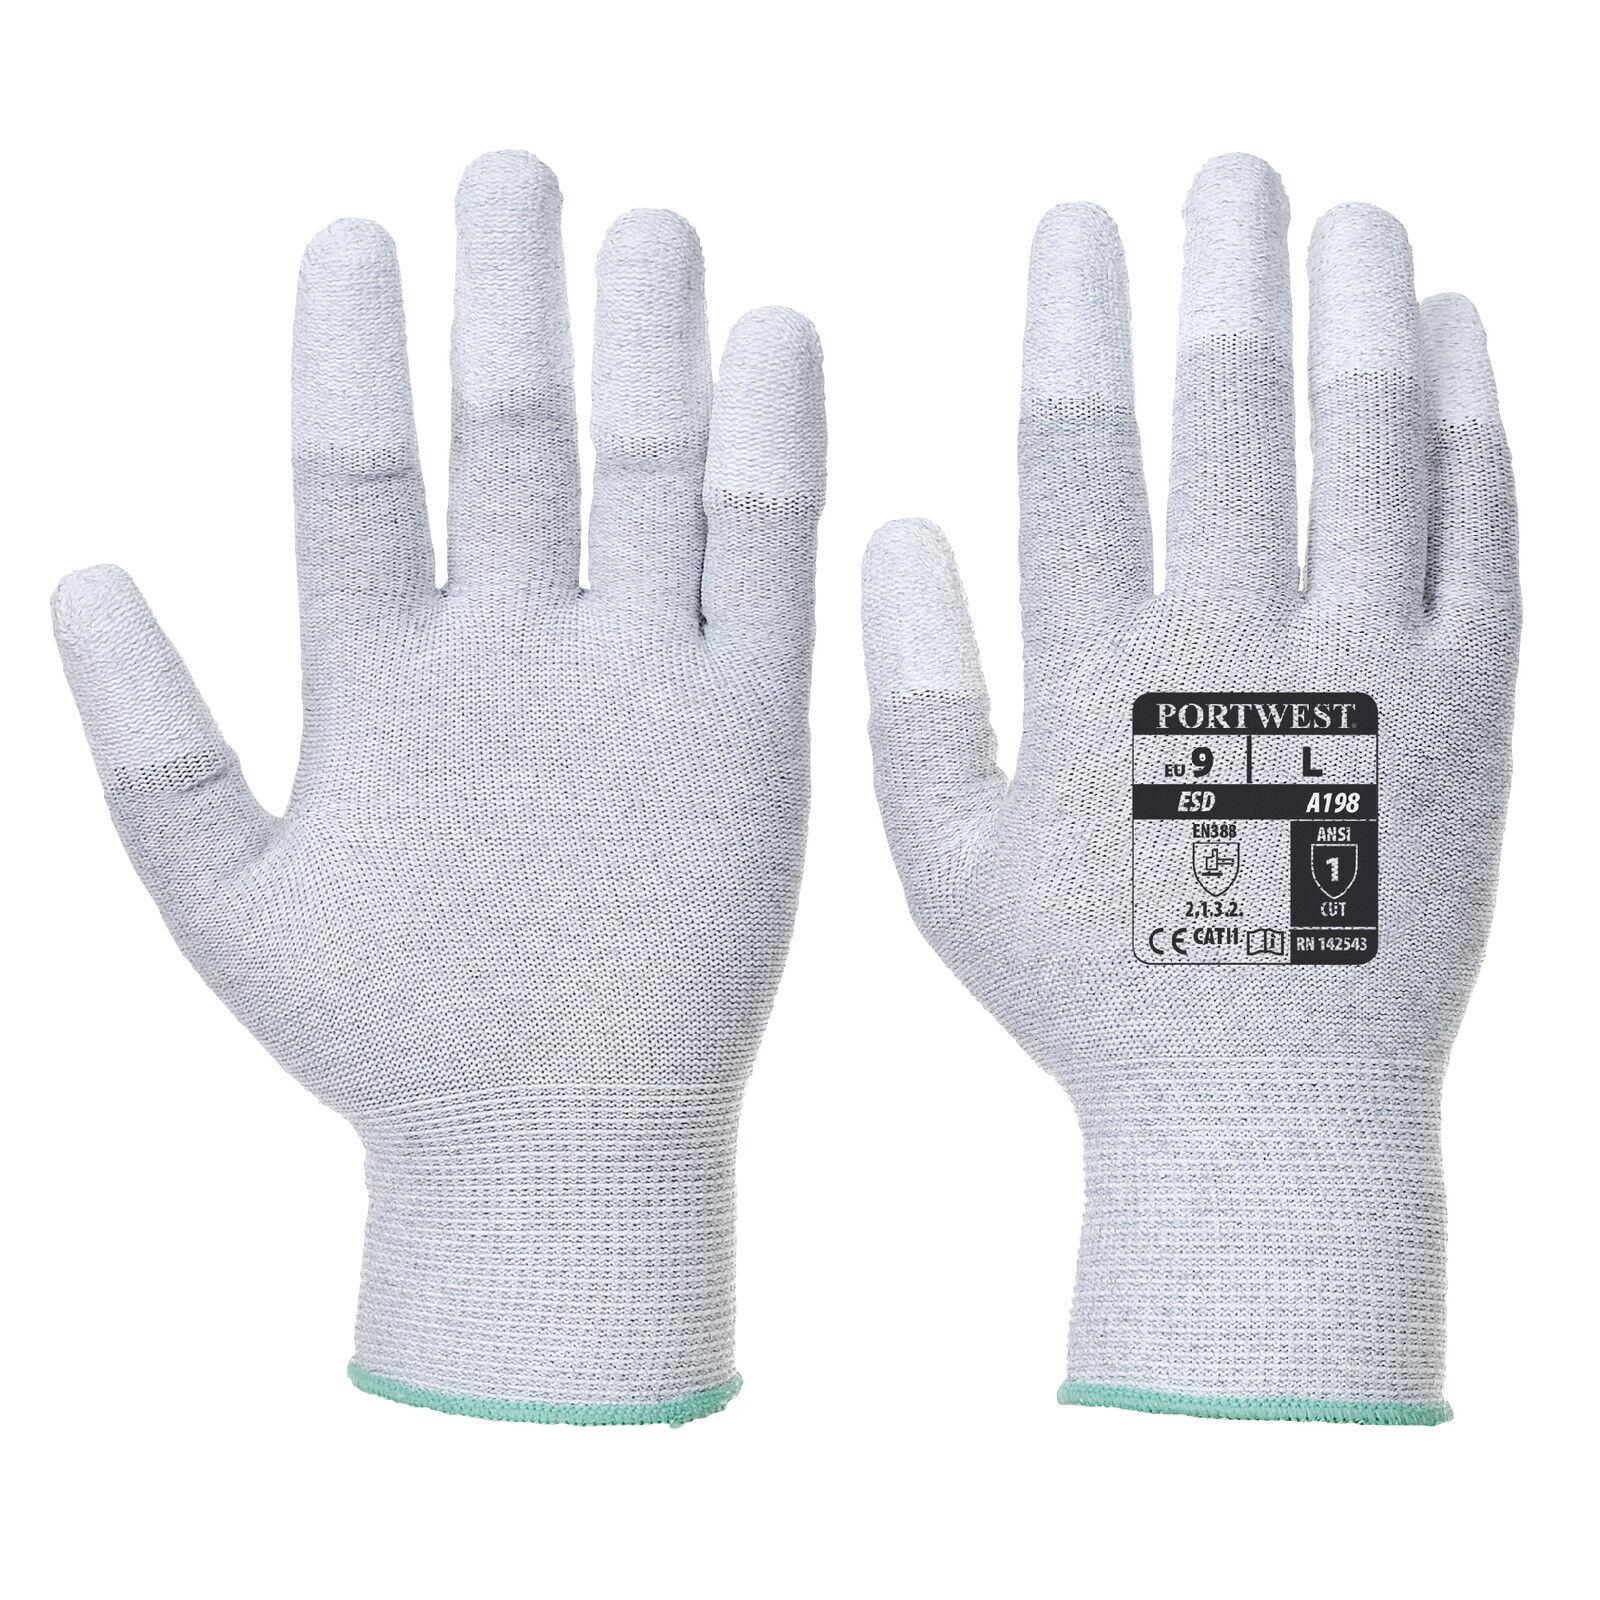 Portwest Unisex antistatici PU polpastrello GUANTO GRIGIO/arancione vari taglia